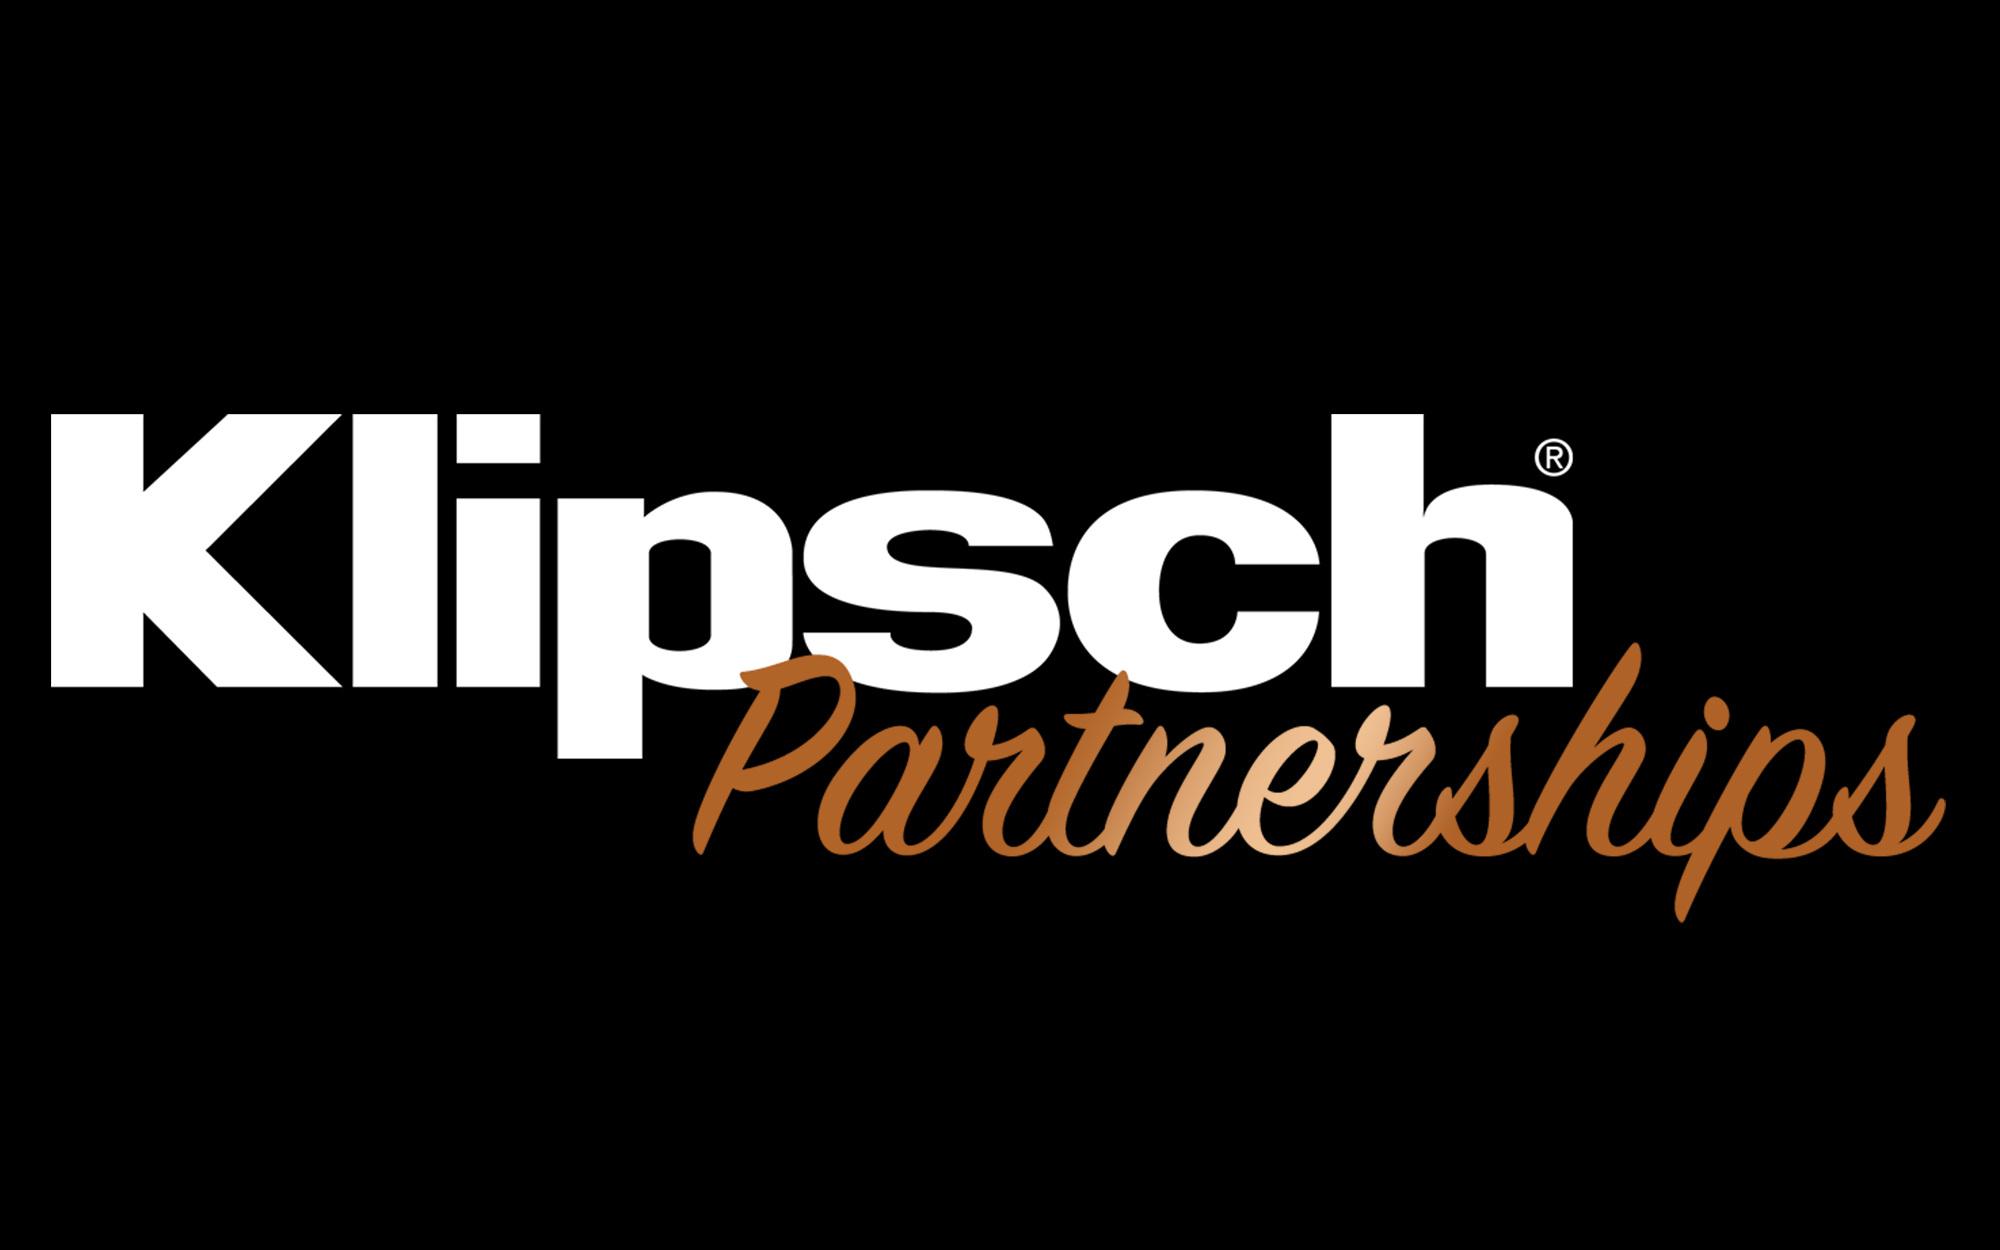 Klipsch Partnership 1